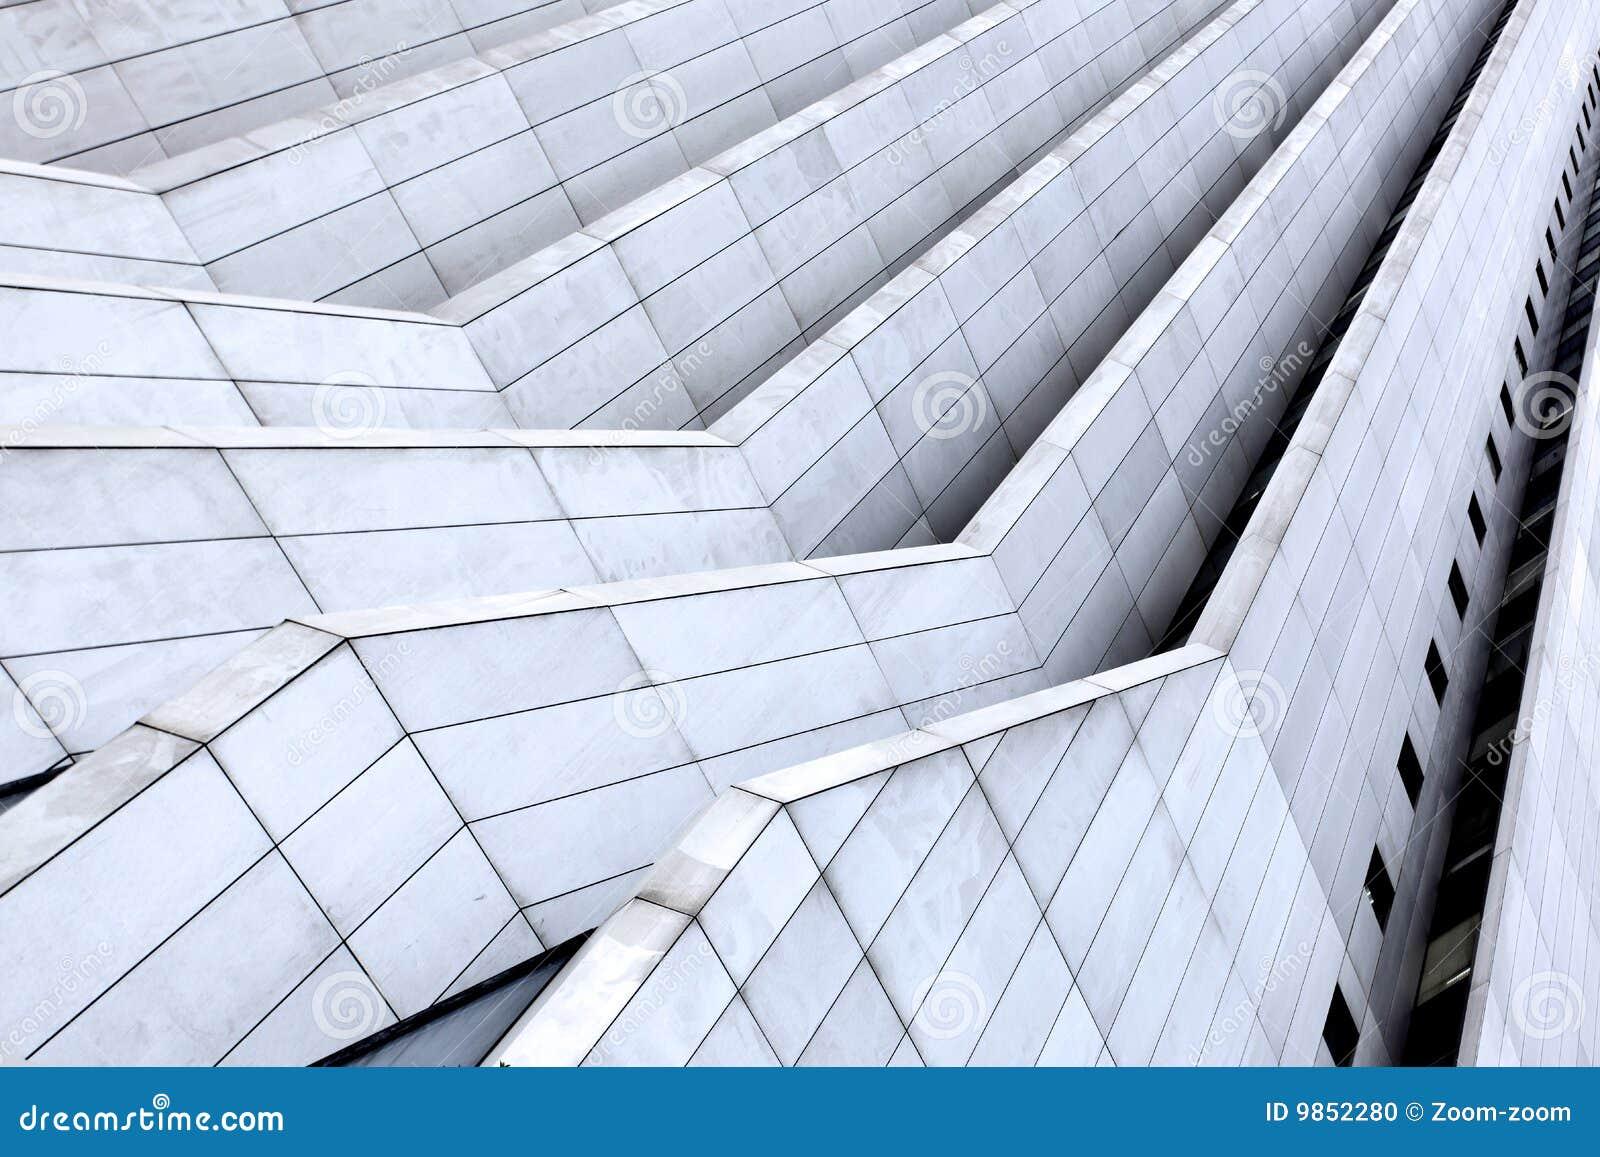 Architectonic background